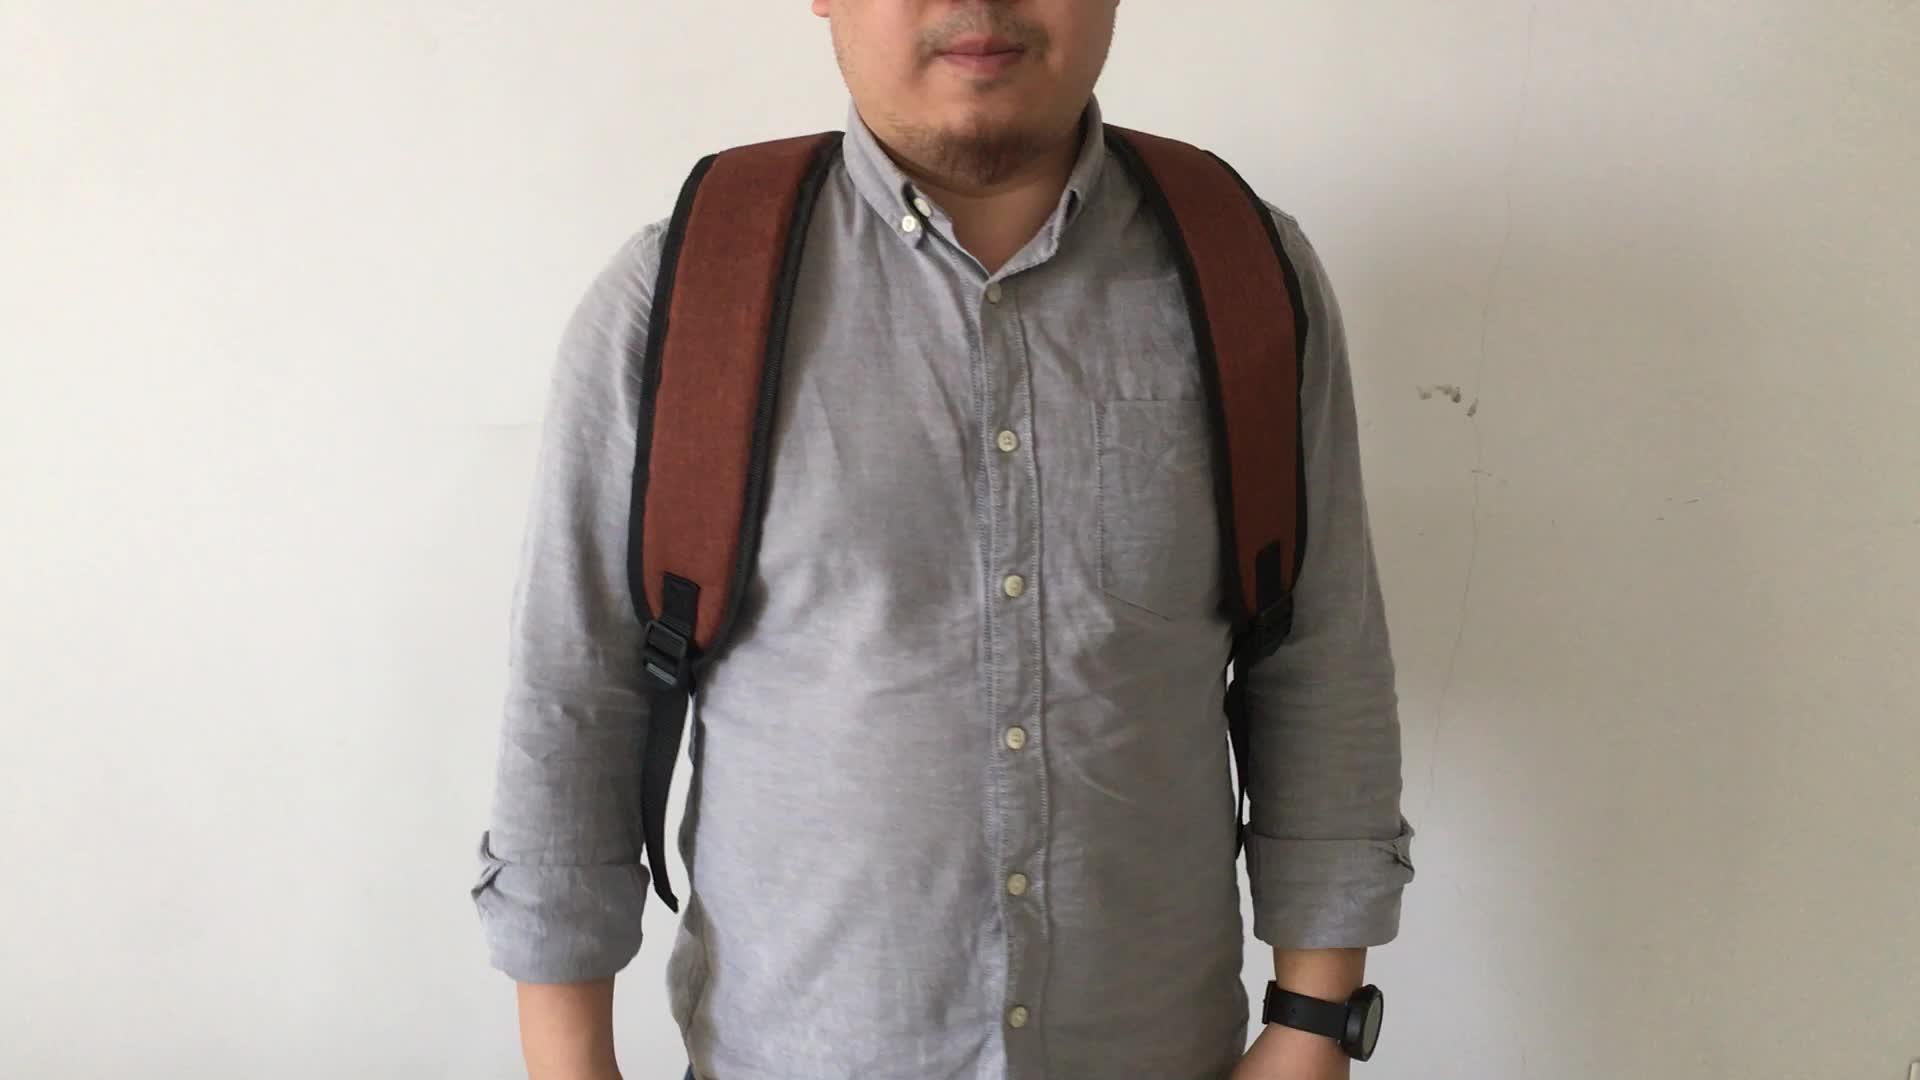 प्रचारक बैग वर्ग बैग मुद्रित लोगो के साथ उपहार बैग वर्तमान backpacks के लिए सस्ते